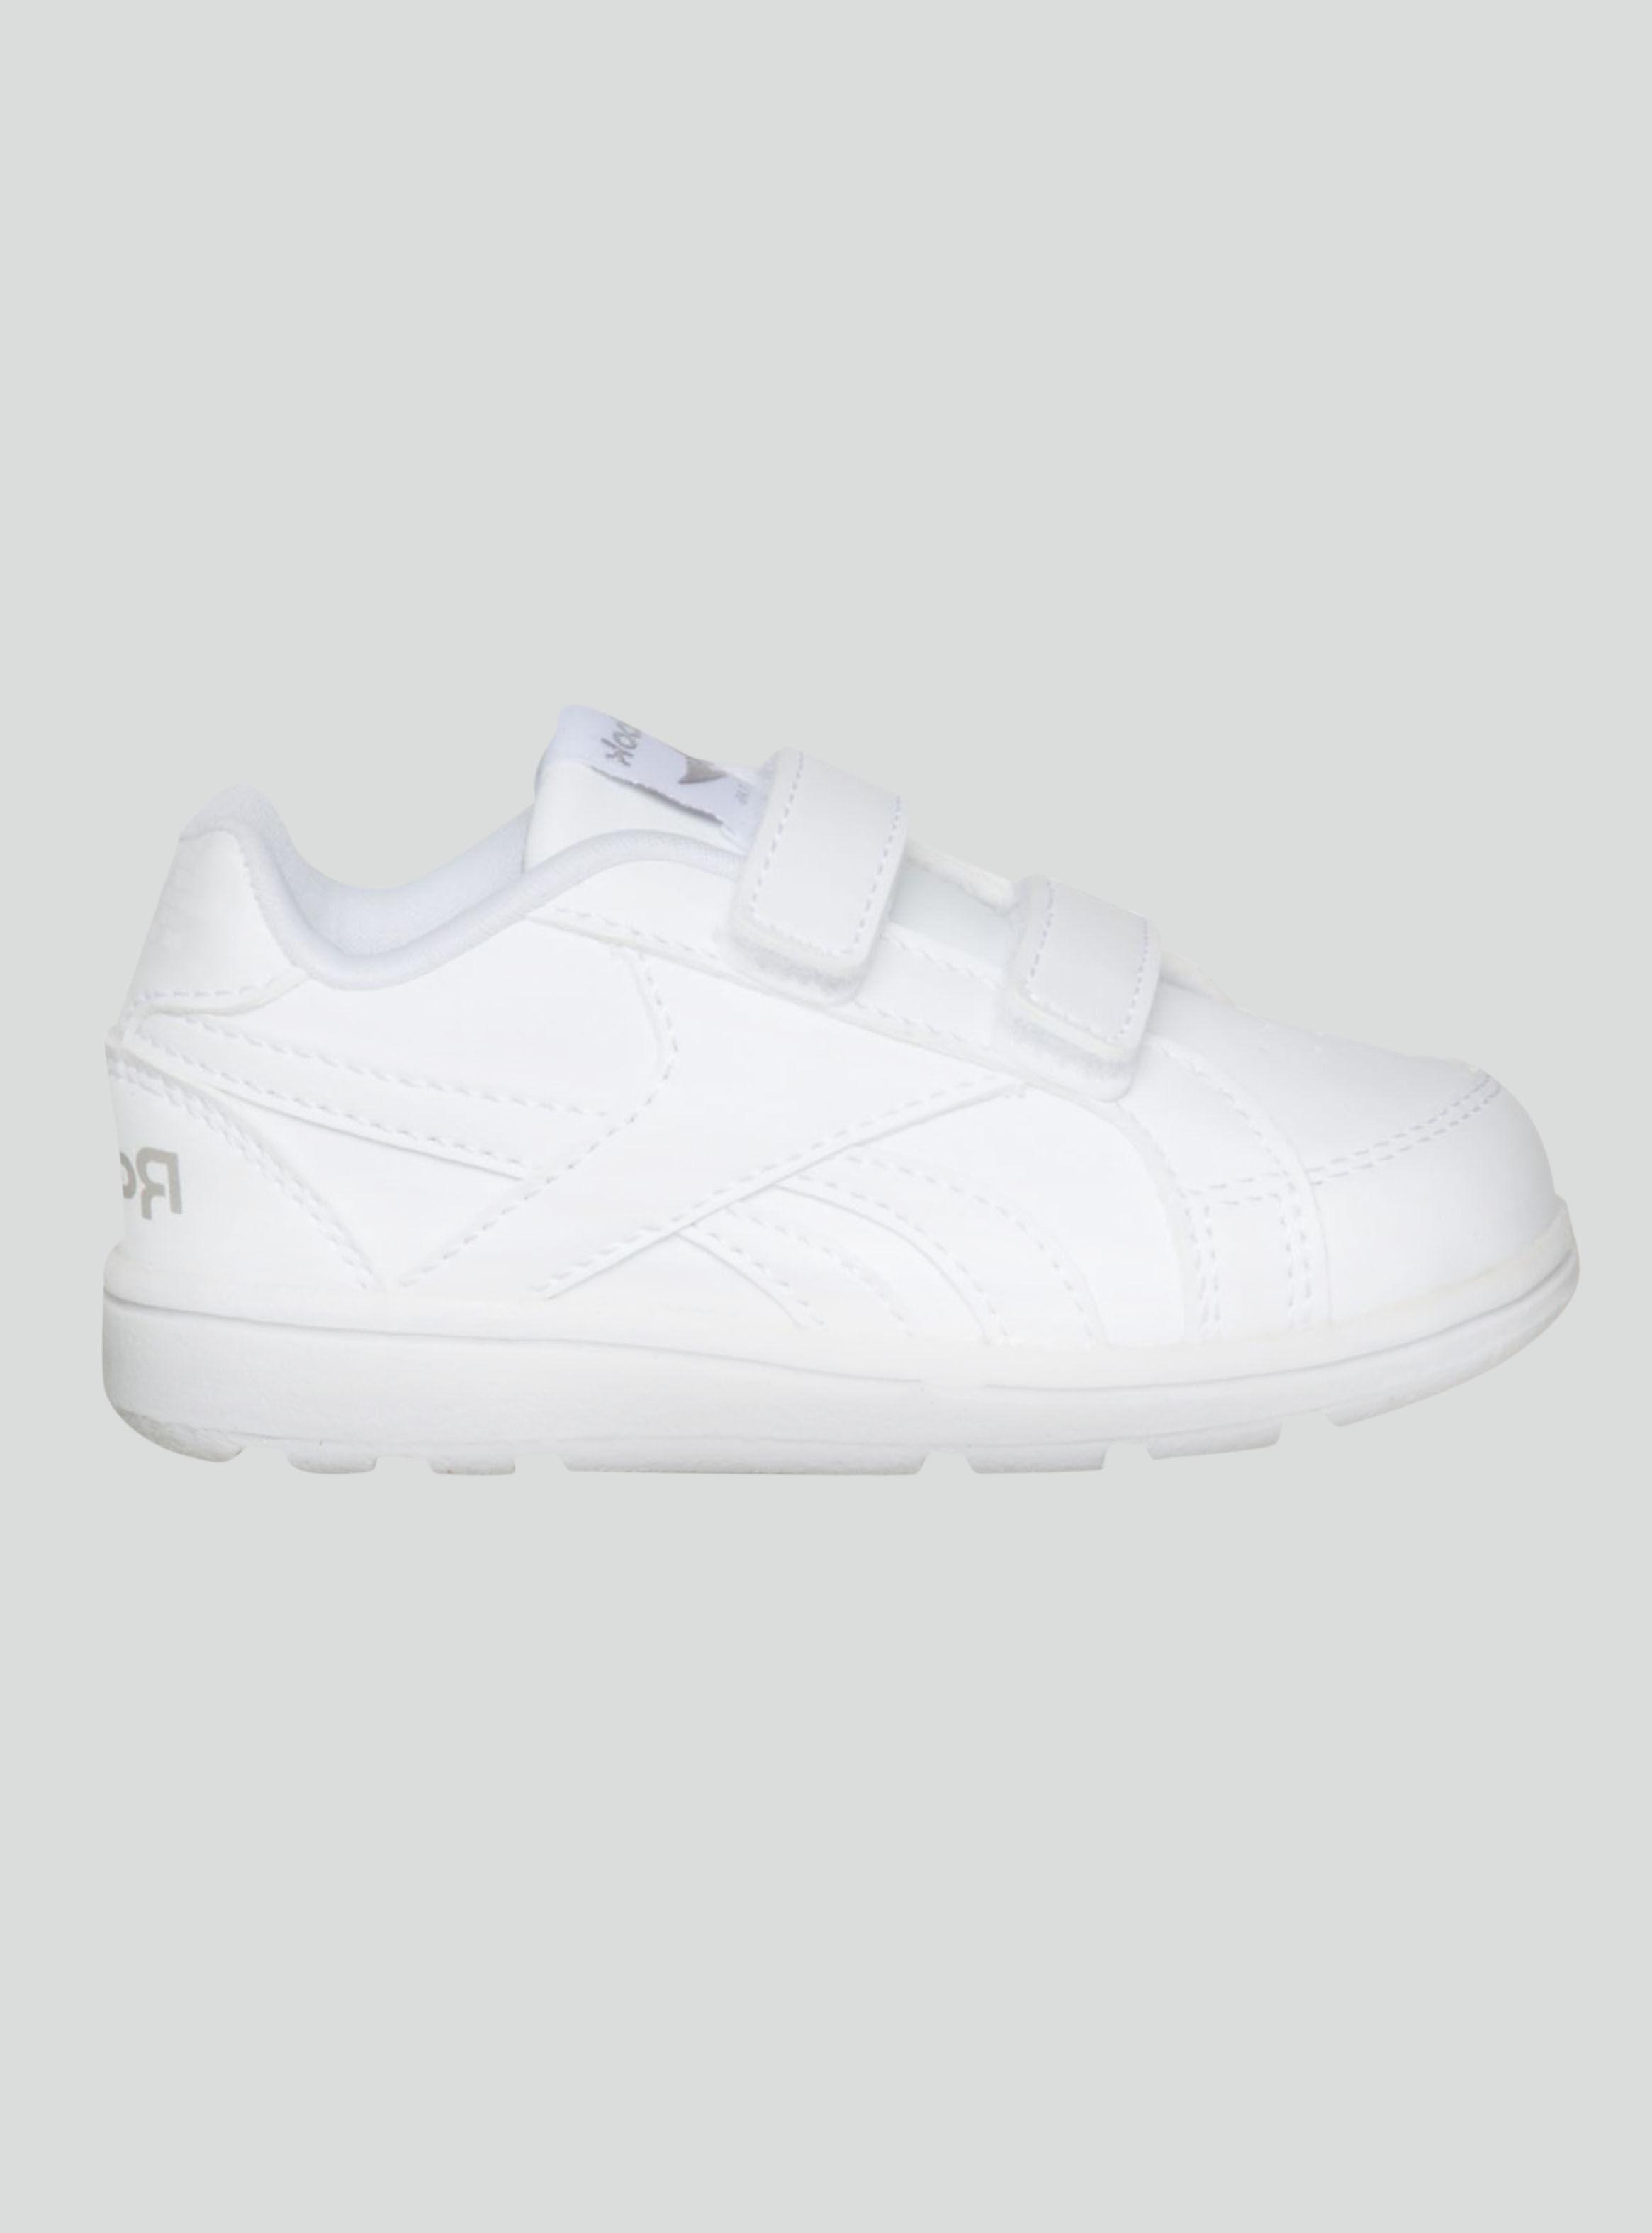 zapatos salomon hombre amazon outlet nz canada uk